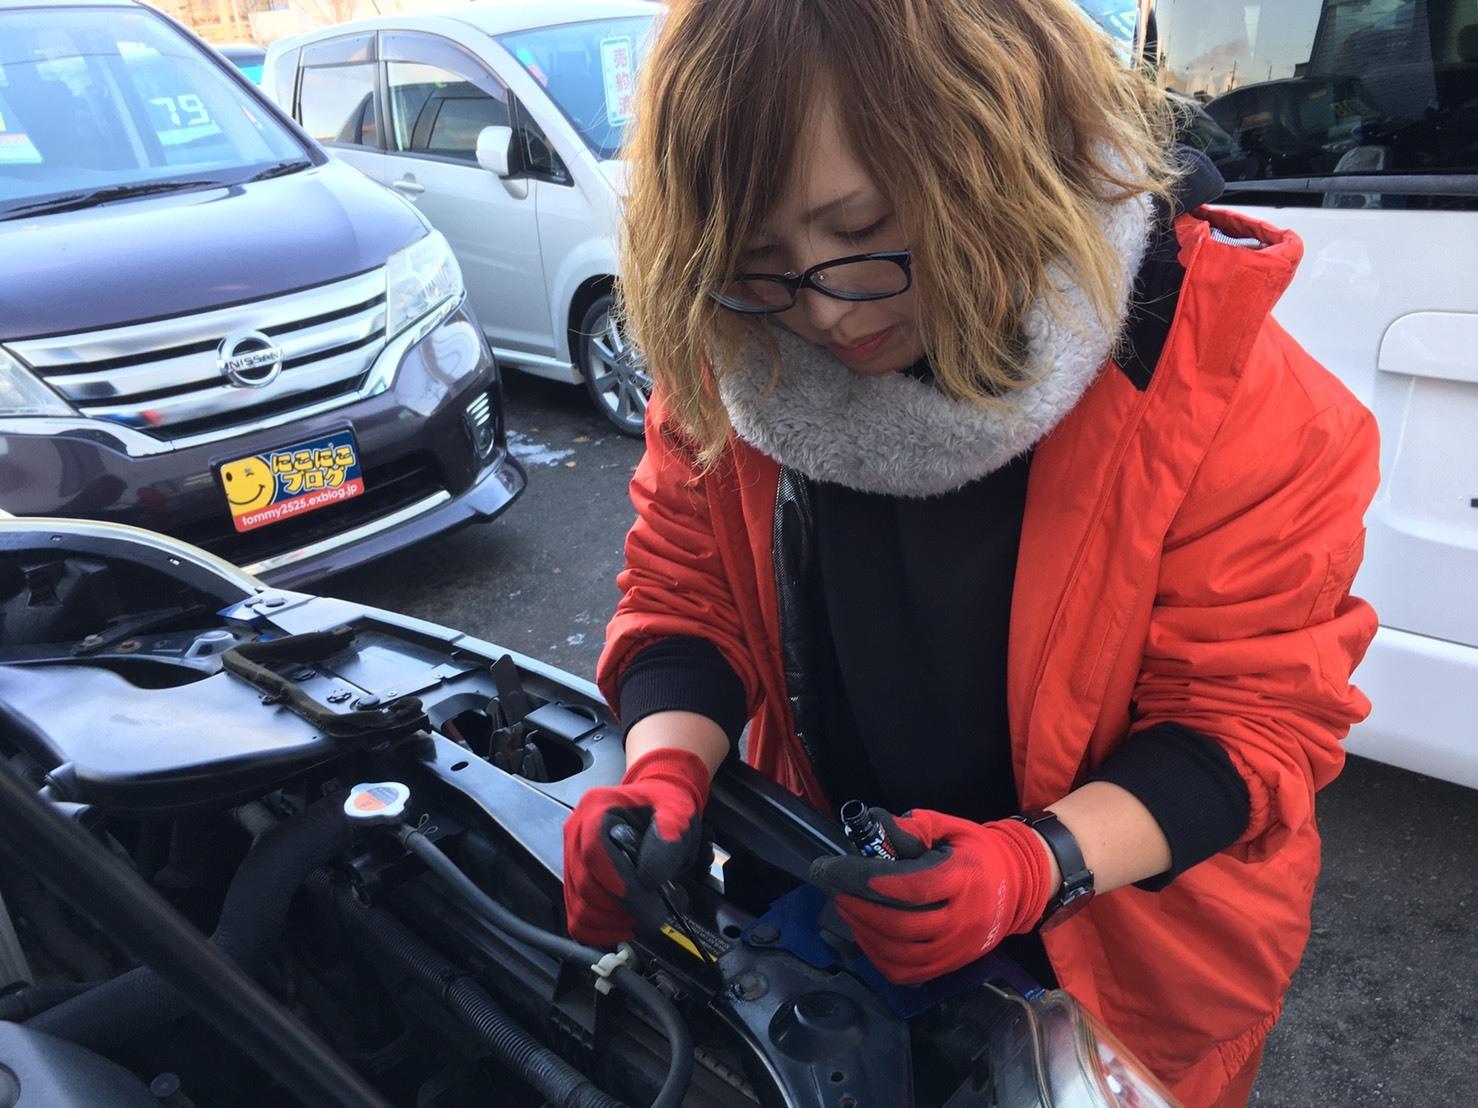 12月13日(金)☆TOMMYアウトレット☆あゆブログ(◍╹꒵╹◍) デリカD:5A様ご成約♪_b0127002_17500161.jpg